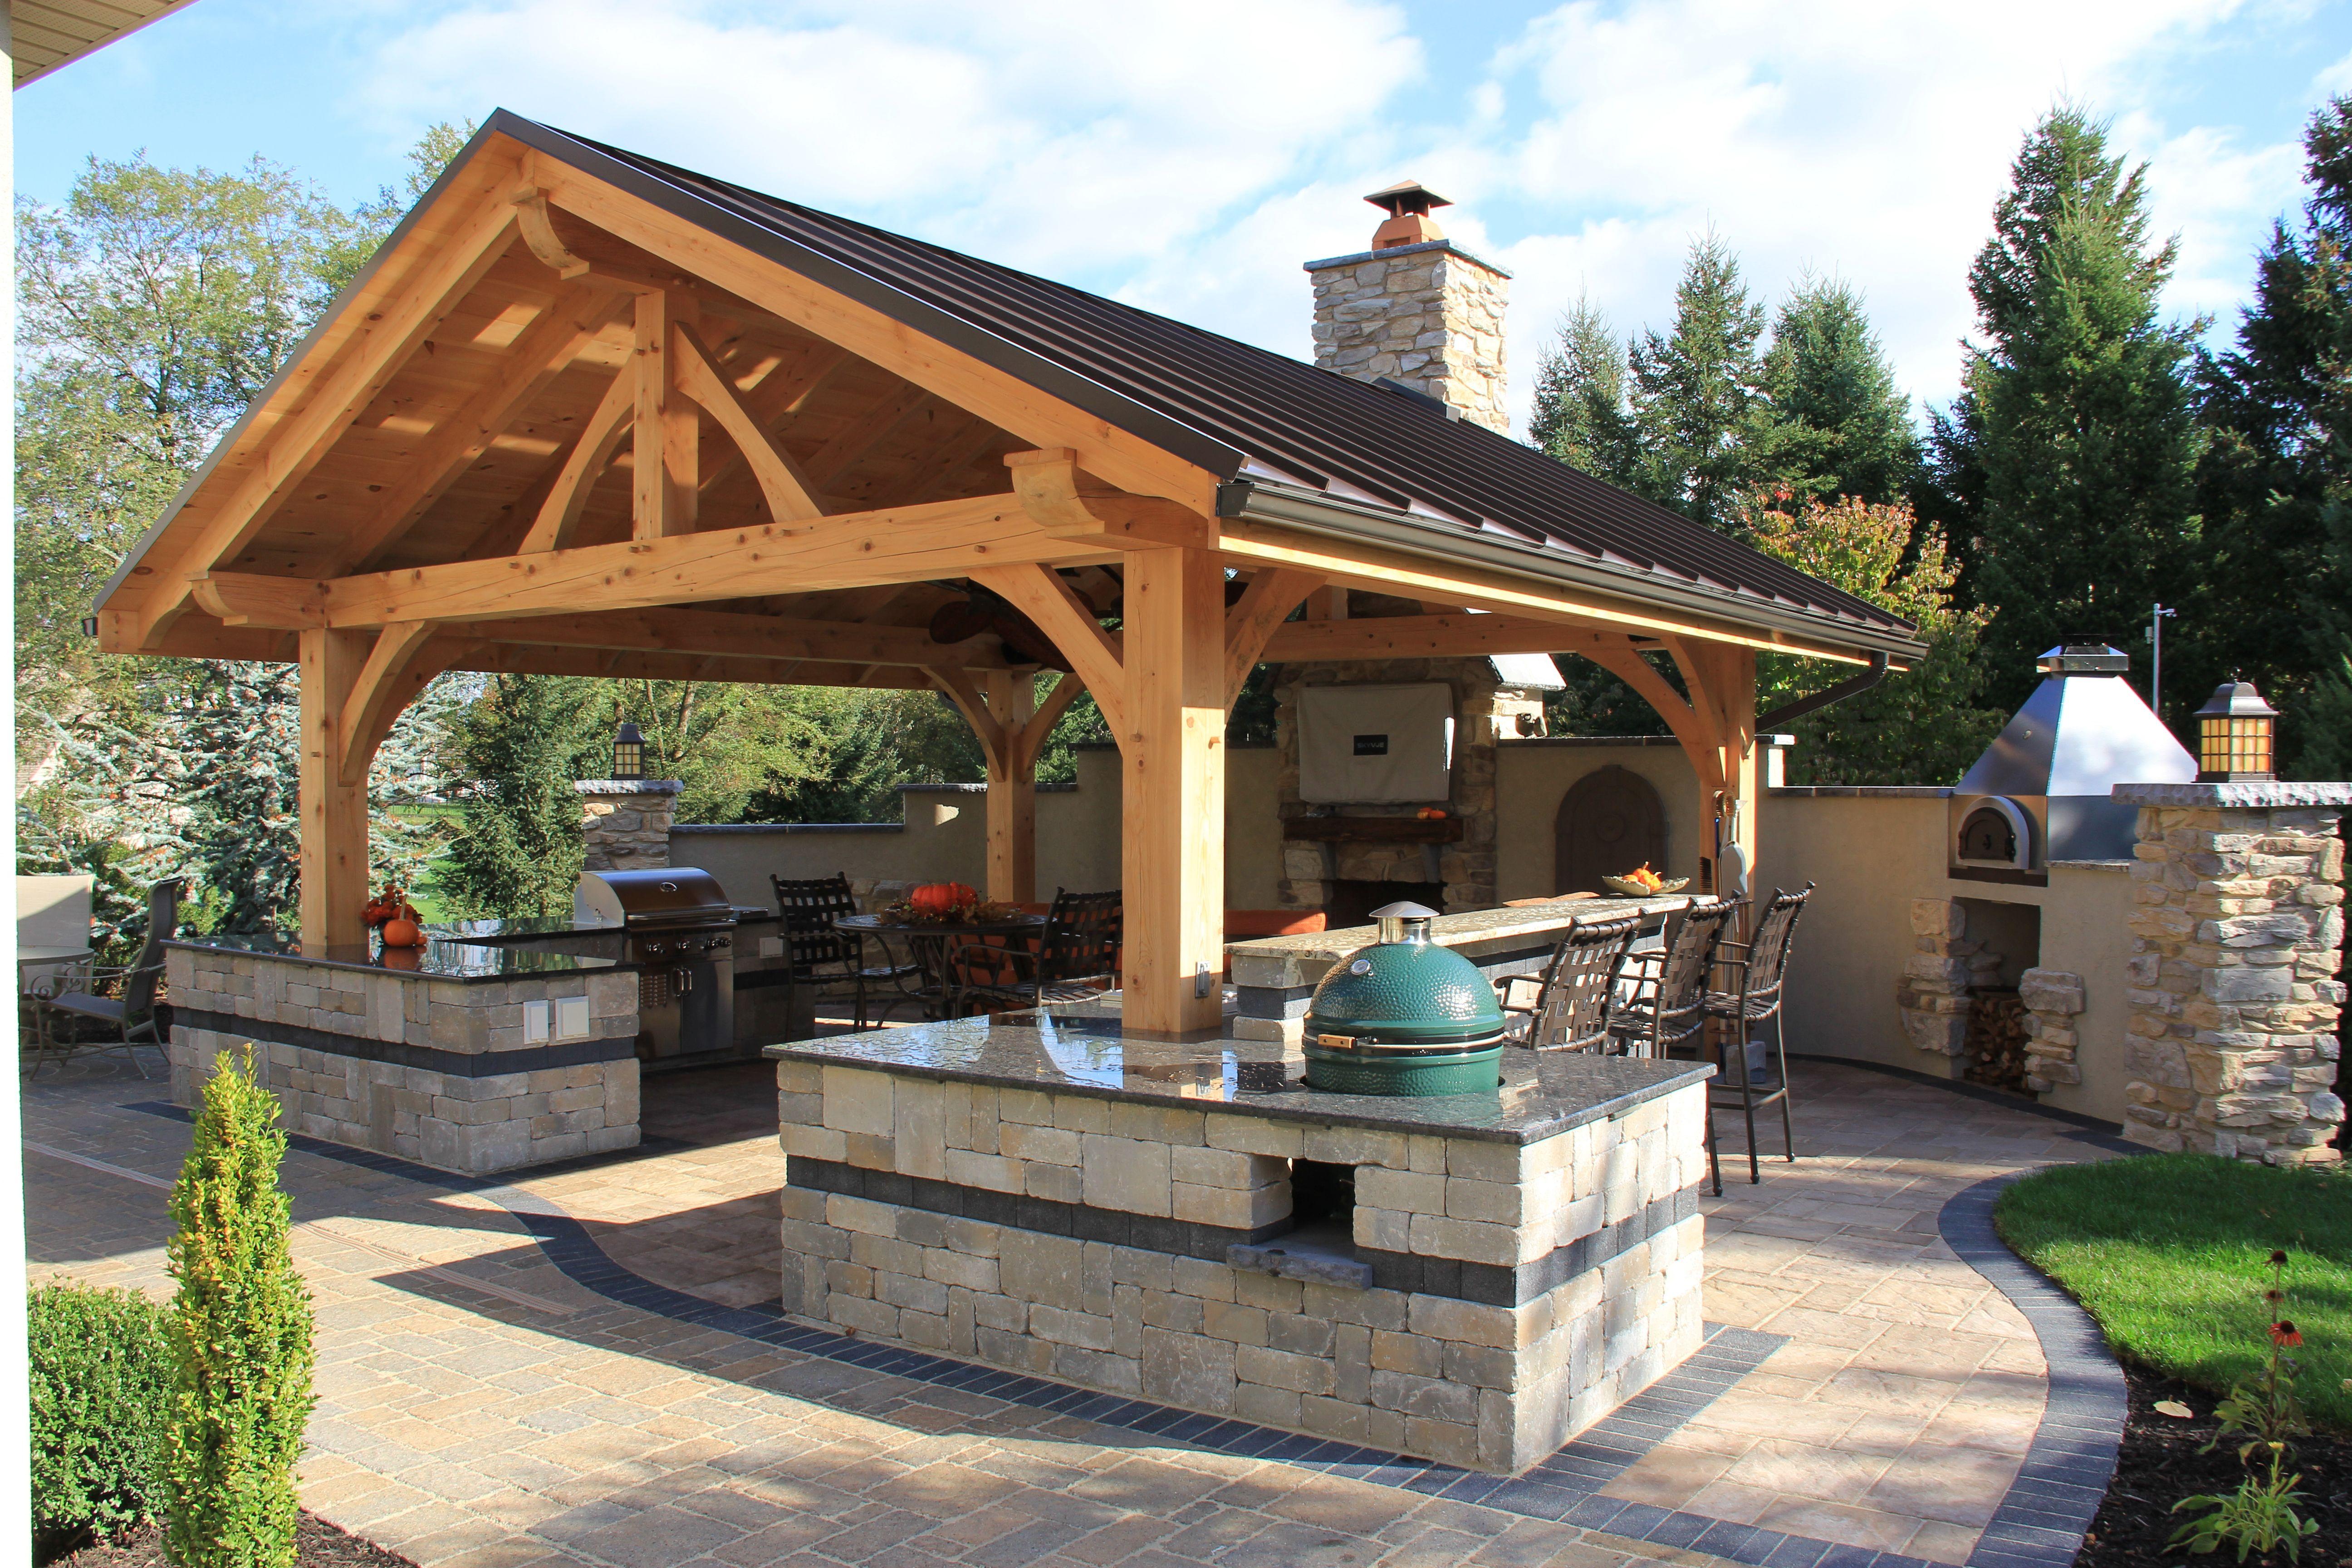 Outdoor Küche Im Gartenhaus : Outdoor küchen bauen outdoor küche planen best küche selber